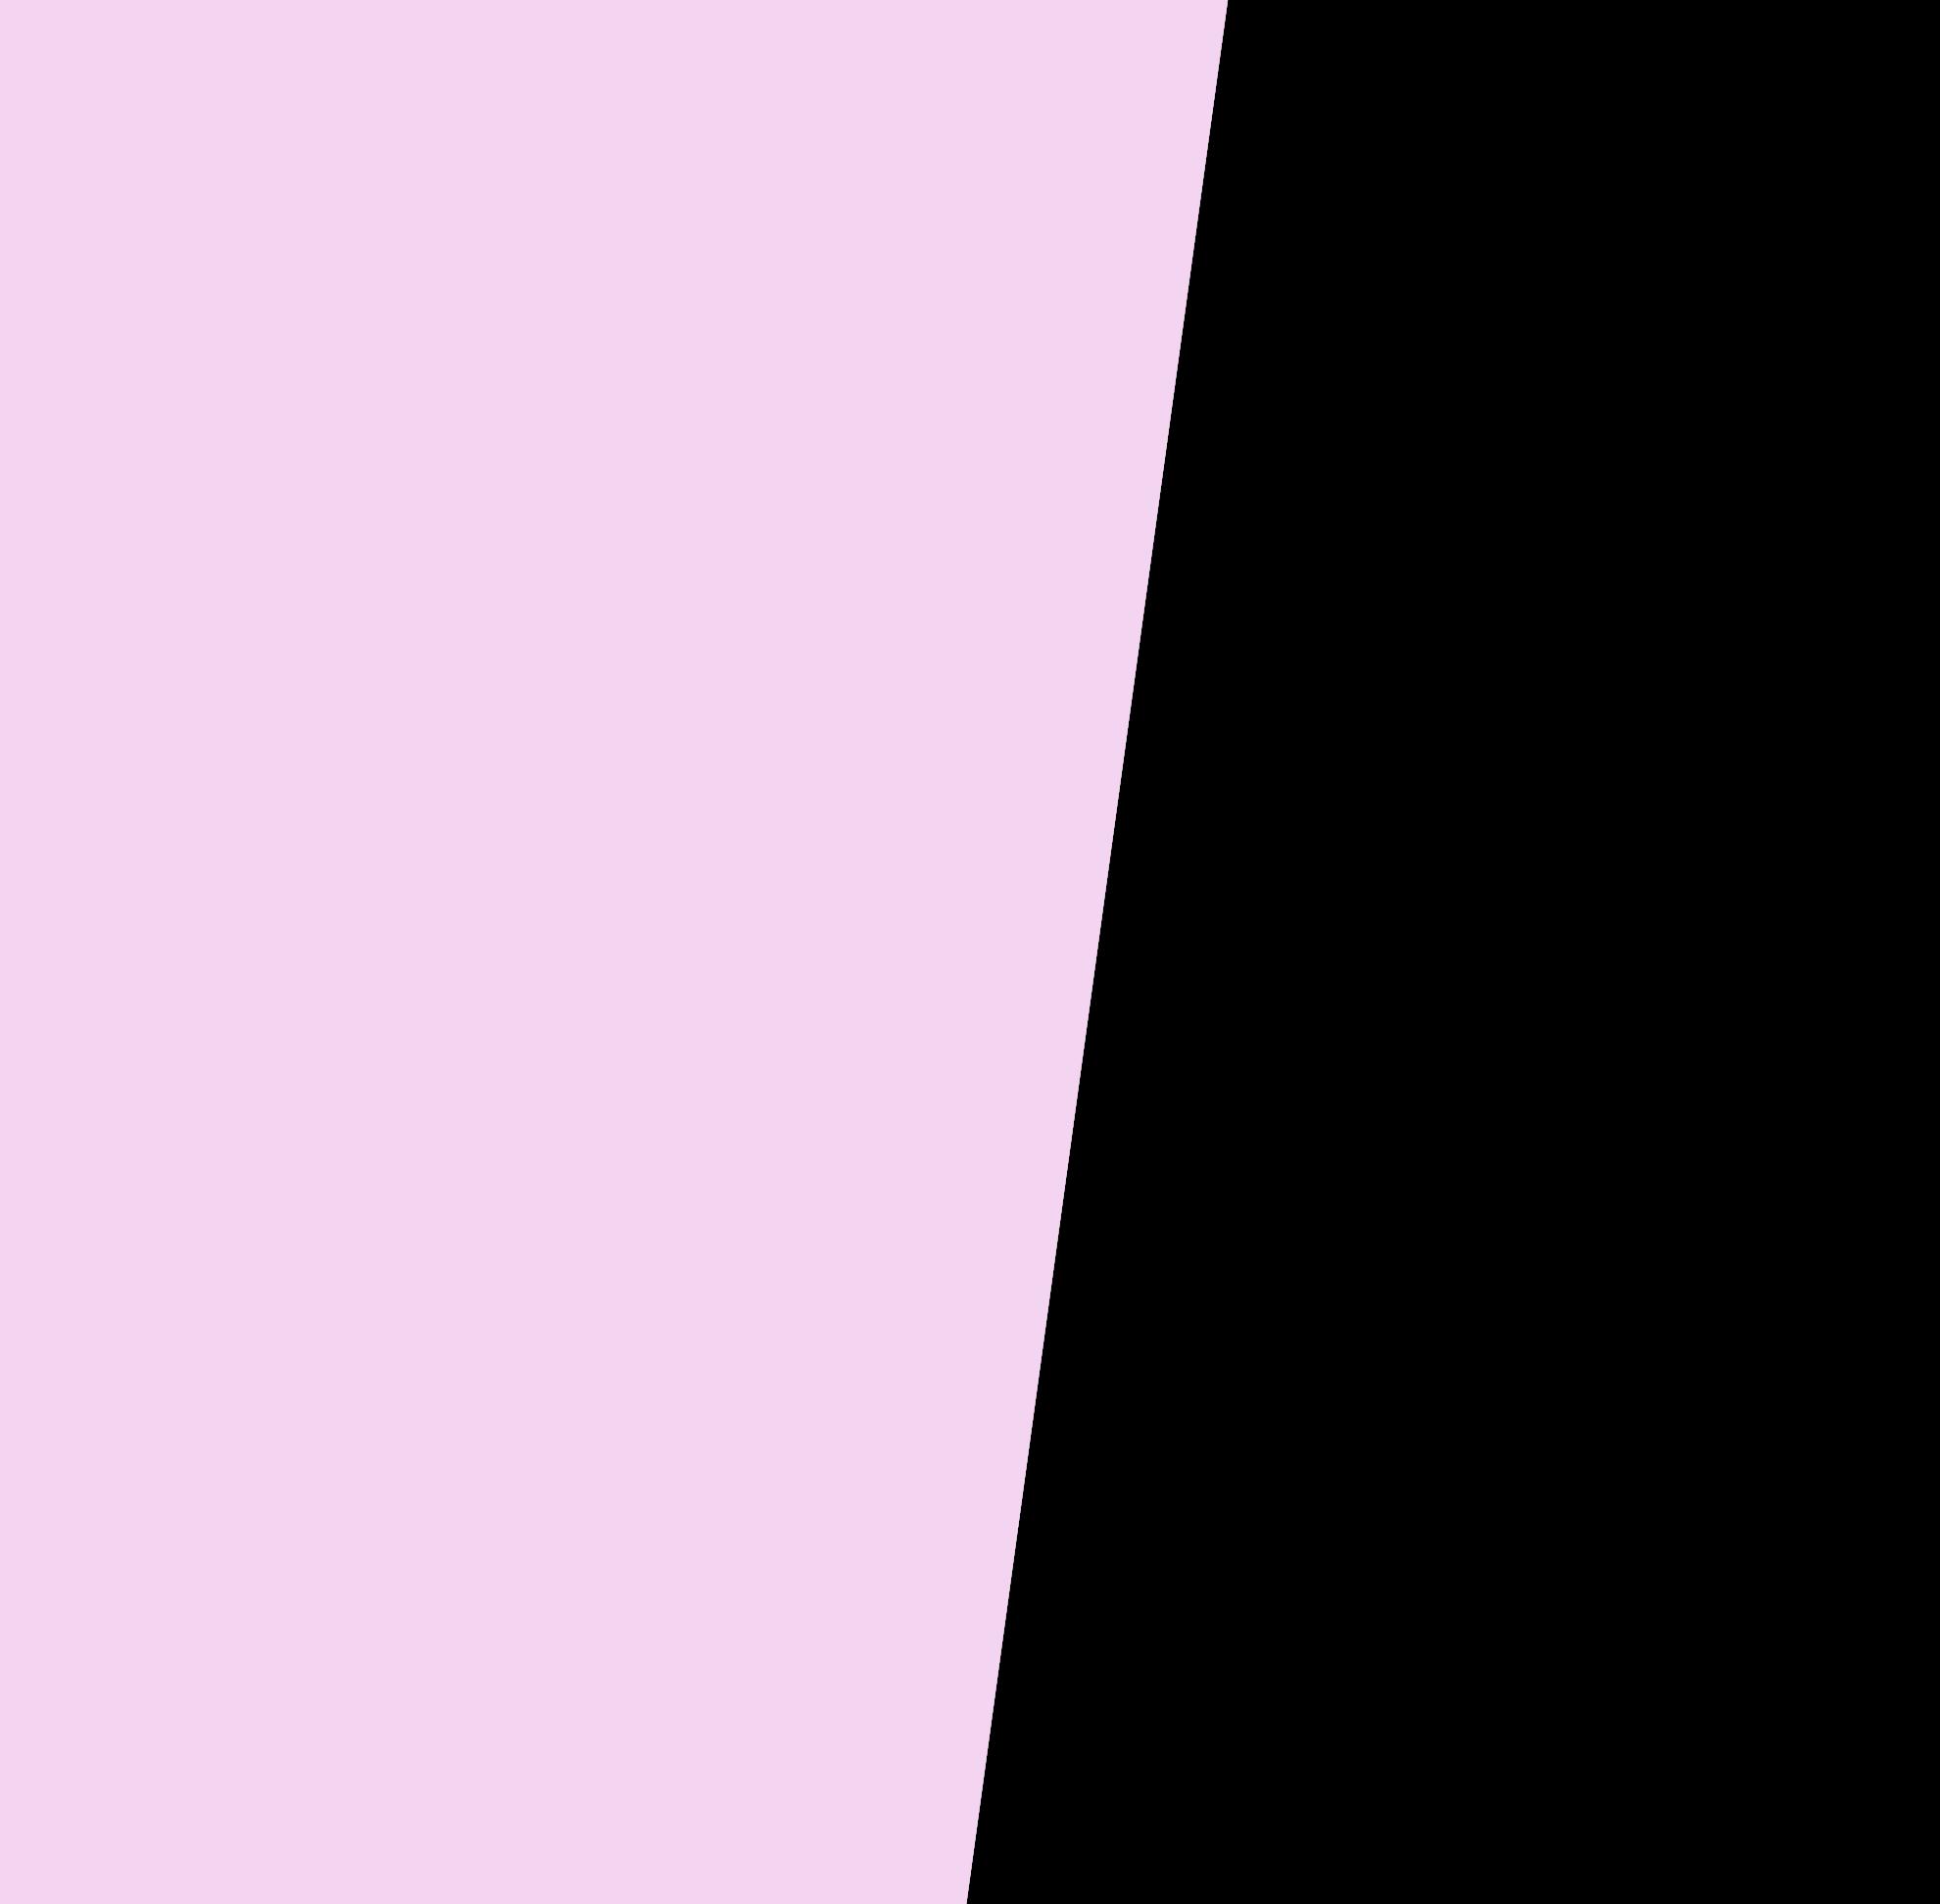 Lilane Hintergrundfläche